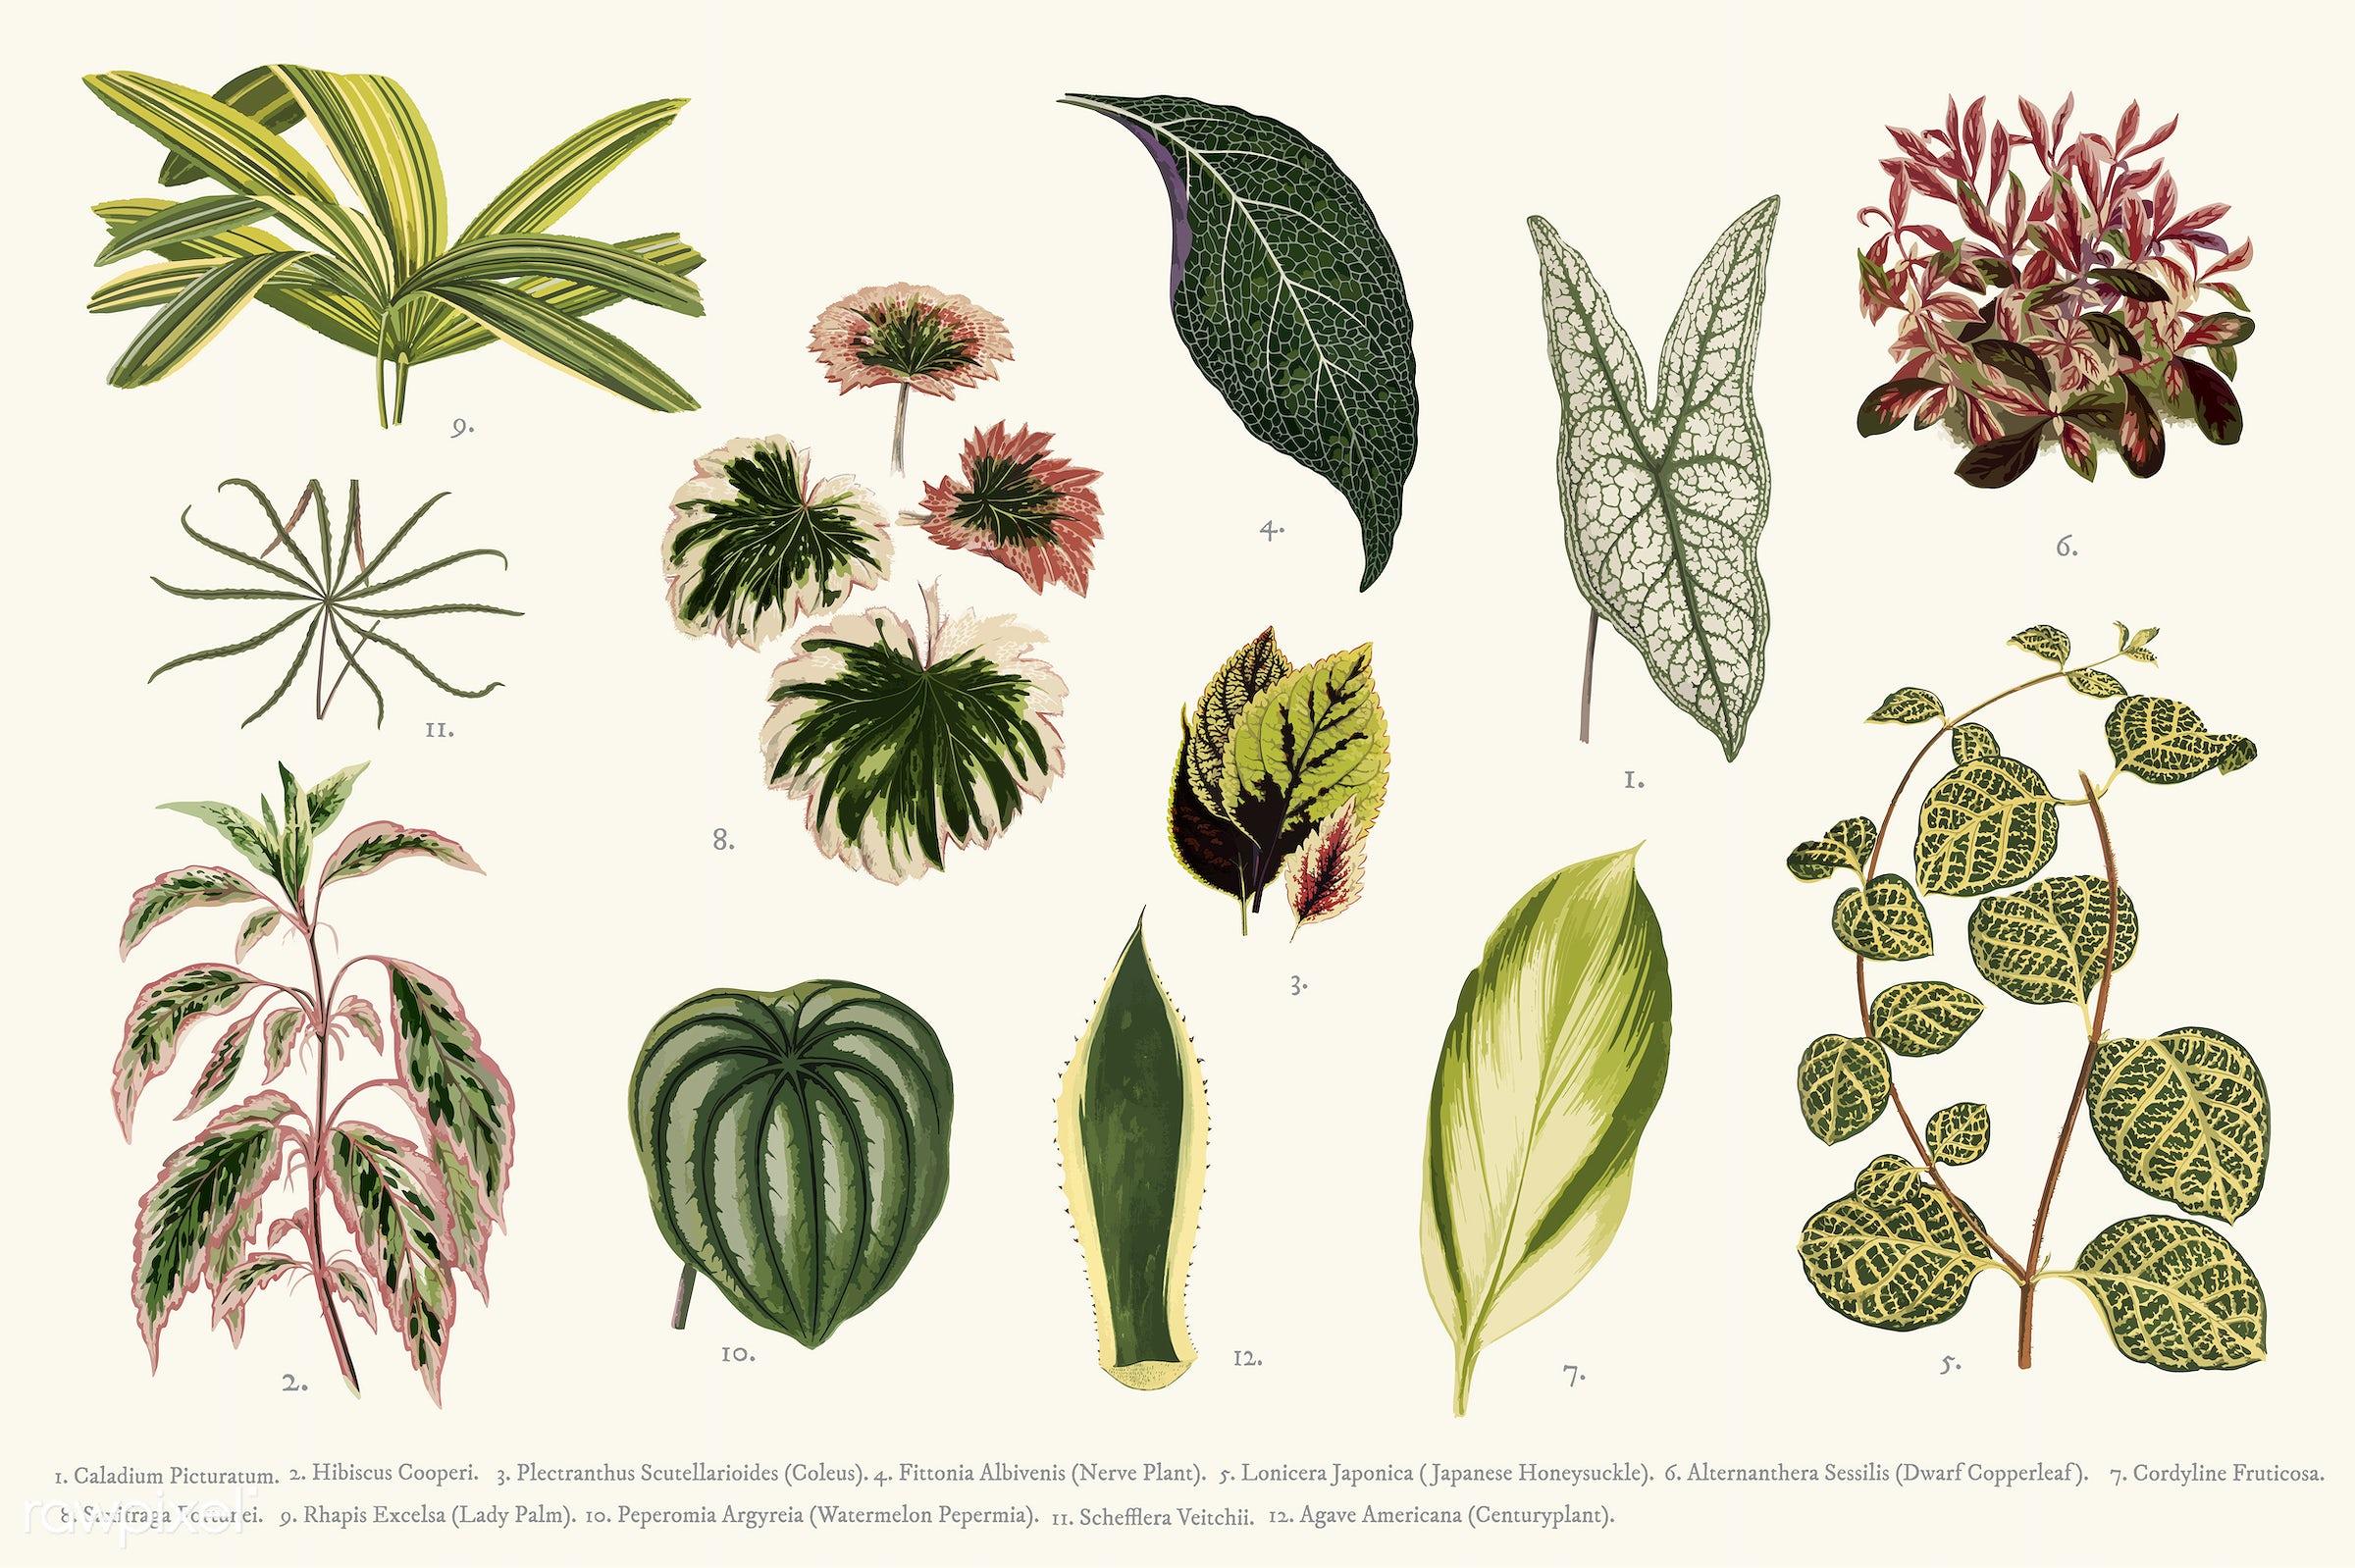 agave americana, alternanthera sessili, ancient, antique, caladium picturatum, centuryplant, coleus, collection, coralline...